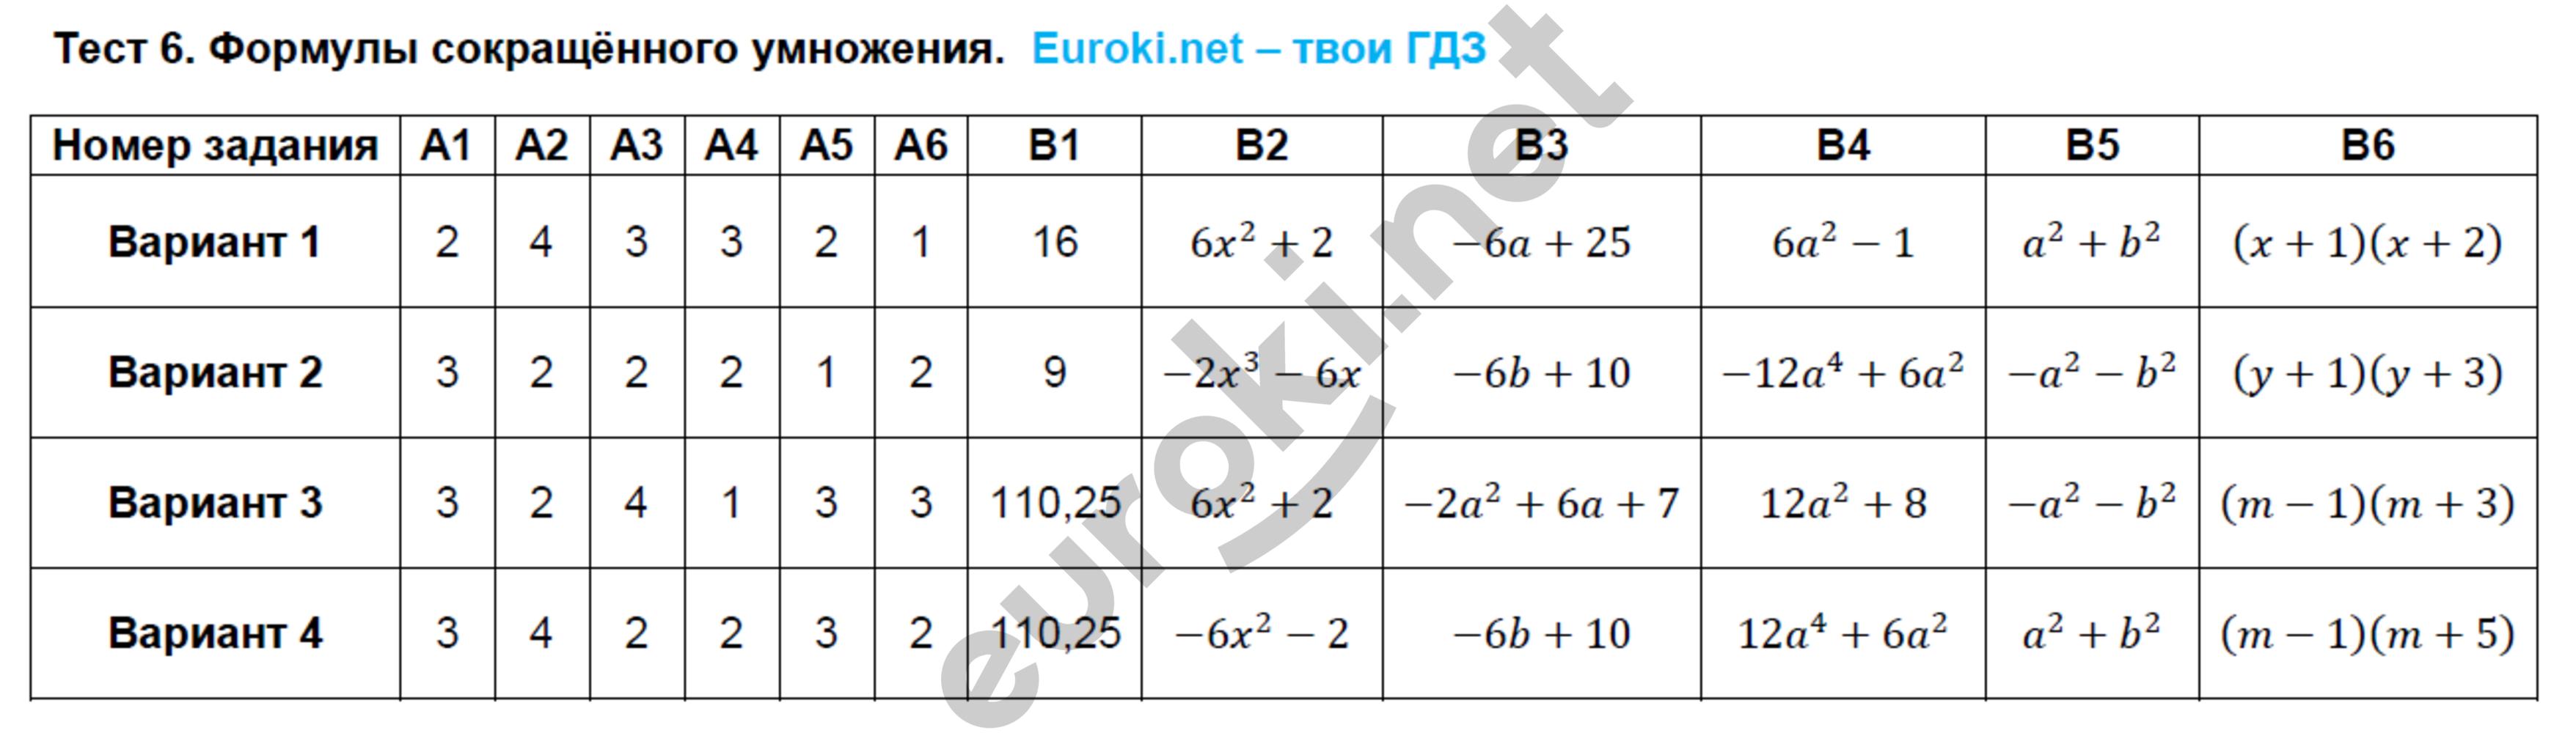 7 умножения решебник классформулы сокращенного по математике